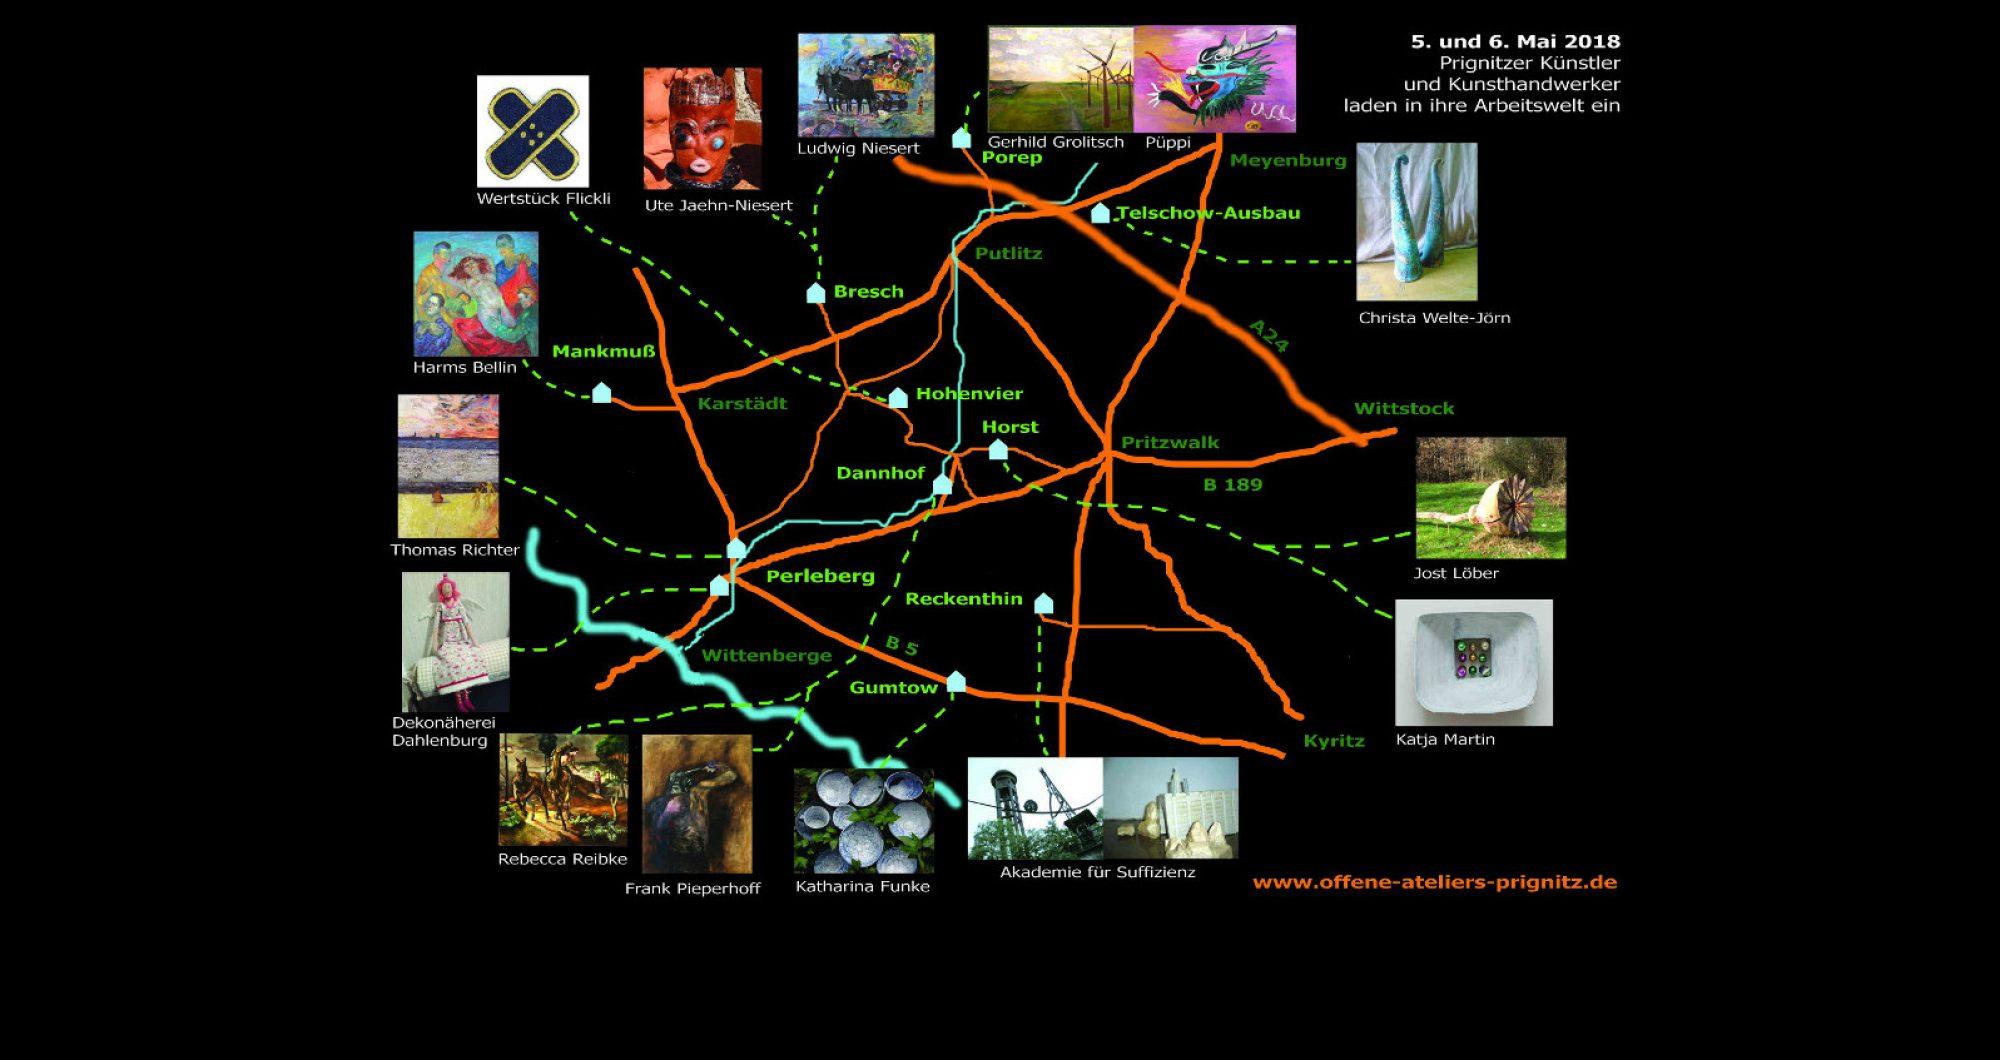 Kunst - Künstler und Ihre Ateliers in der Prignitz